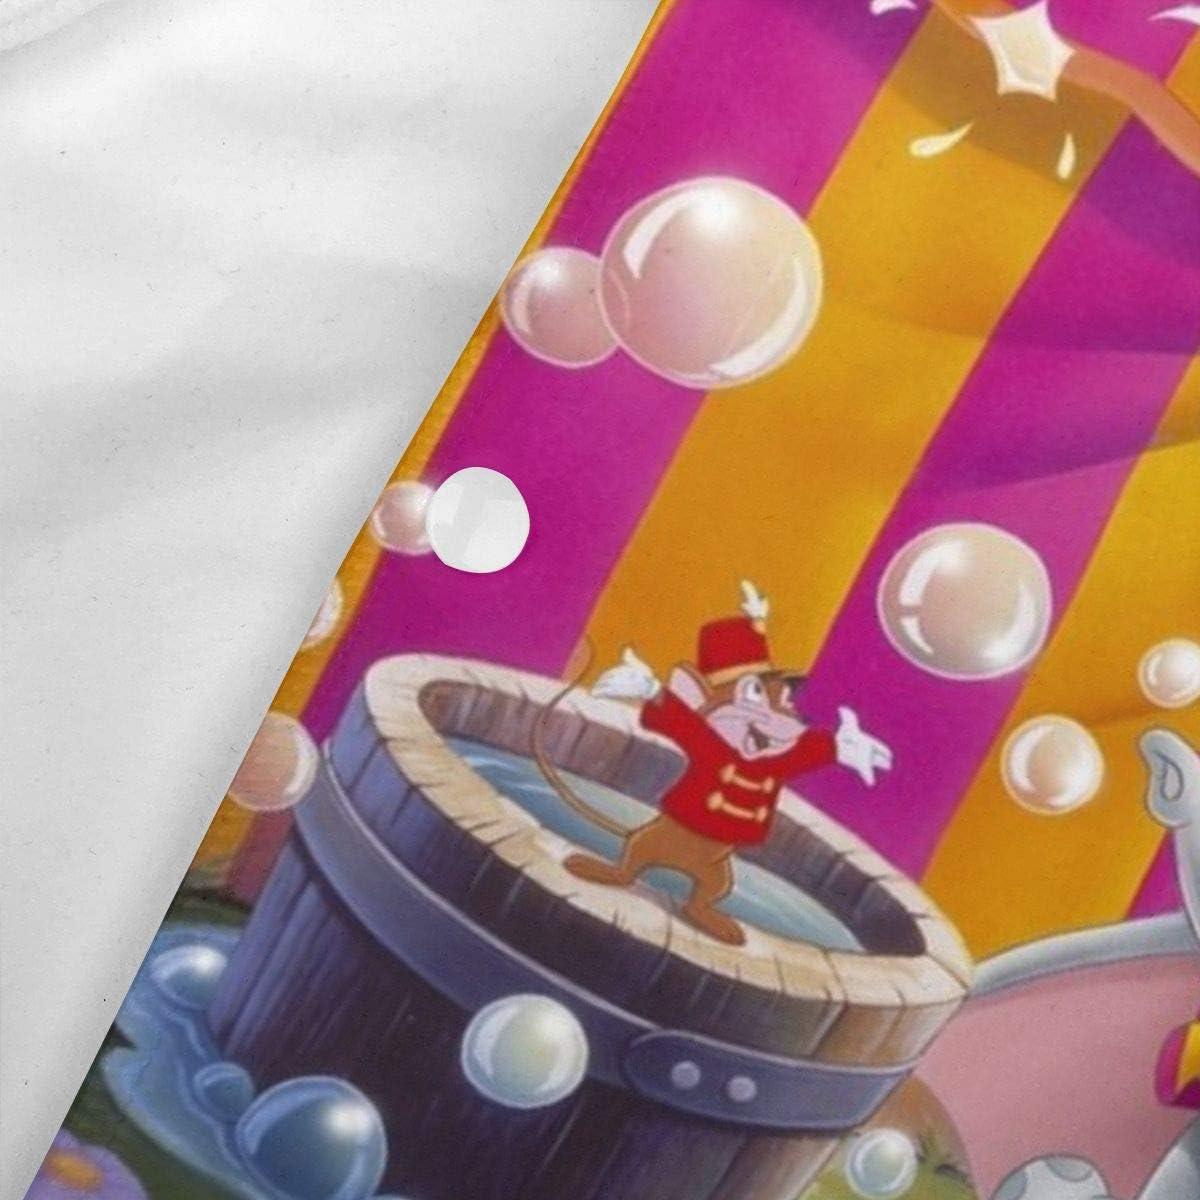 Hdadwy Toalla de ba/ño de playa Dumbo Toallas con capucha Toallas de ba/ño de secado r/ápido Ba/ñarse//Piscina//Cubiertas de nataci/ón Ni/ños Ni/ñas Ni/ños Suave s/úper absorbente